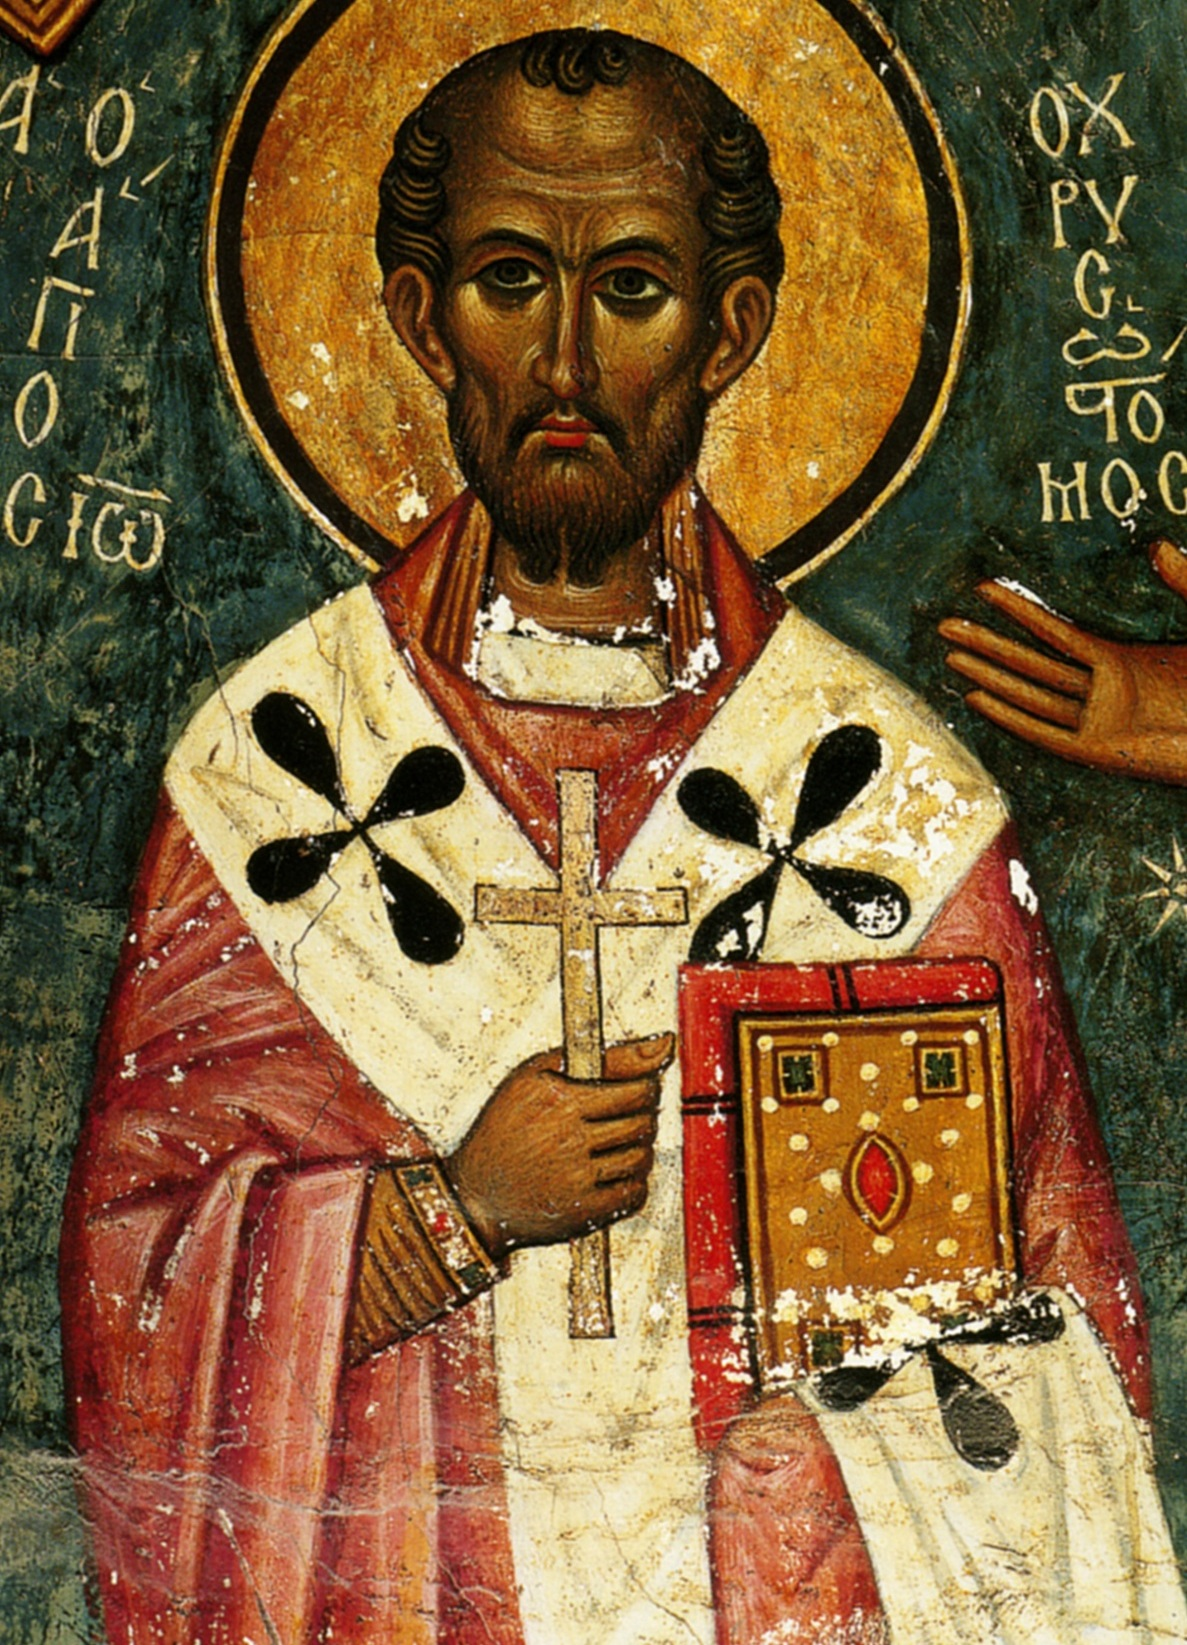 6annocne saint john